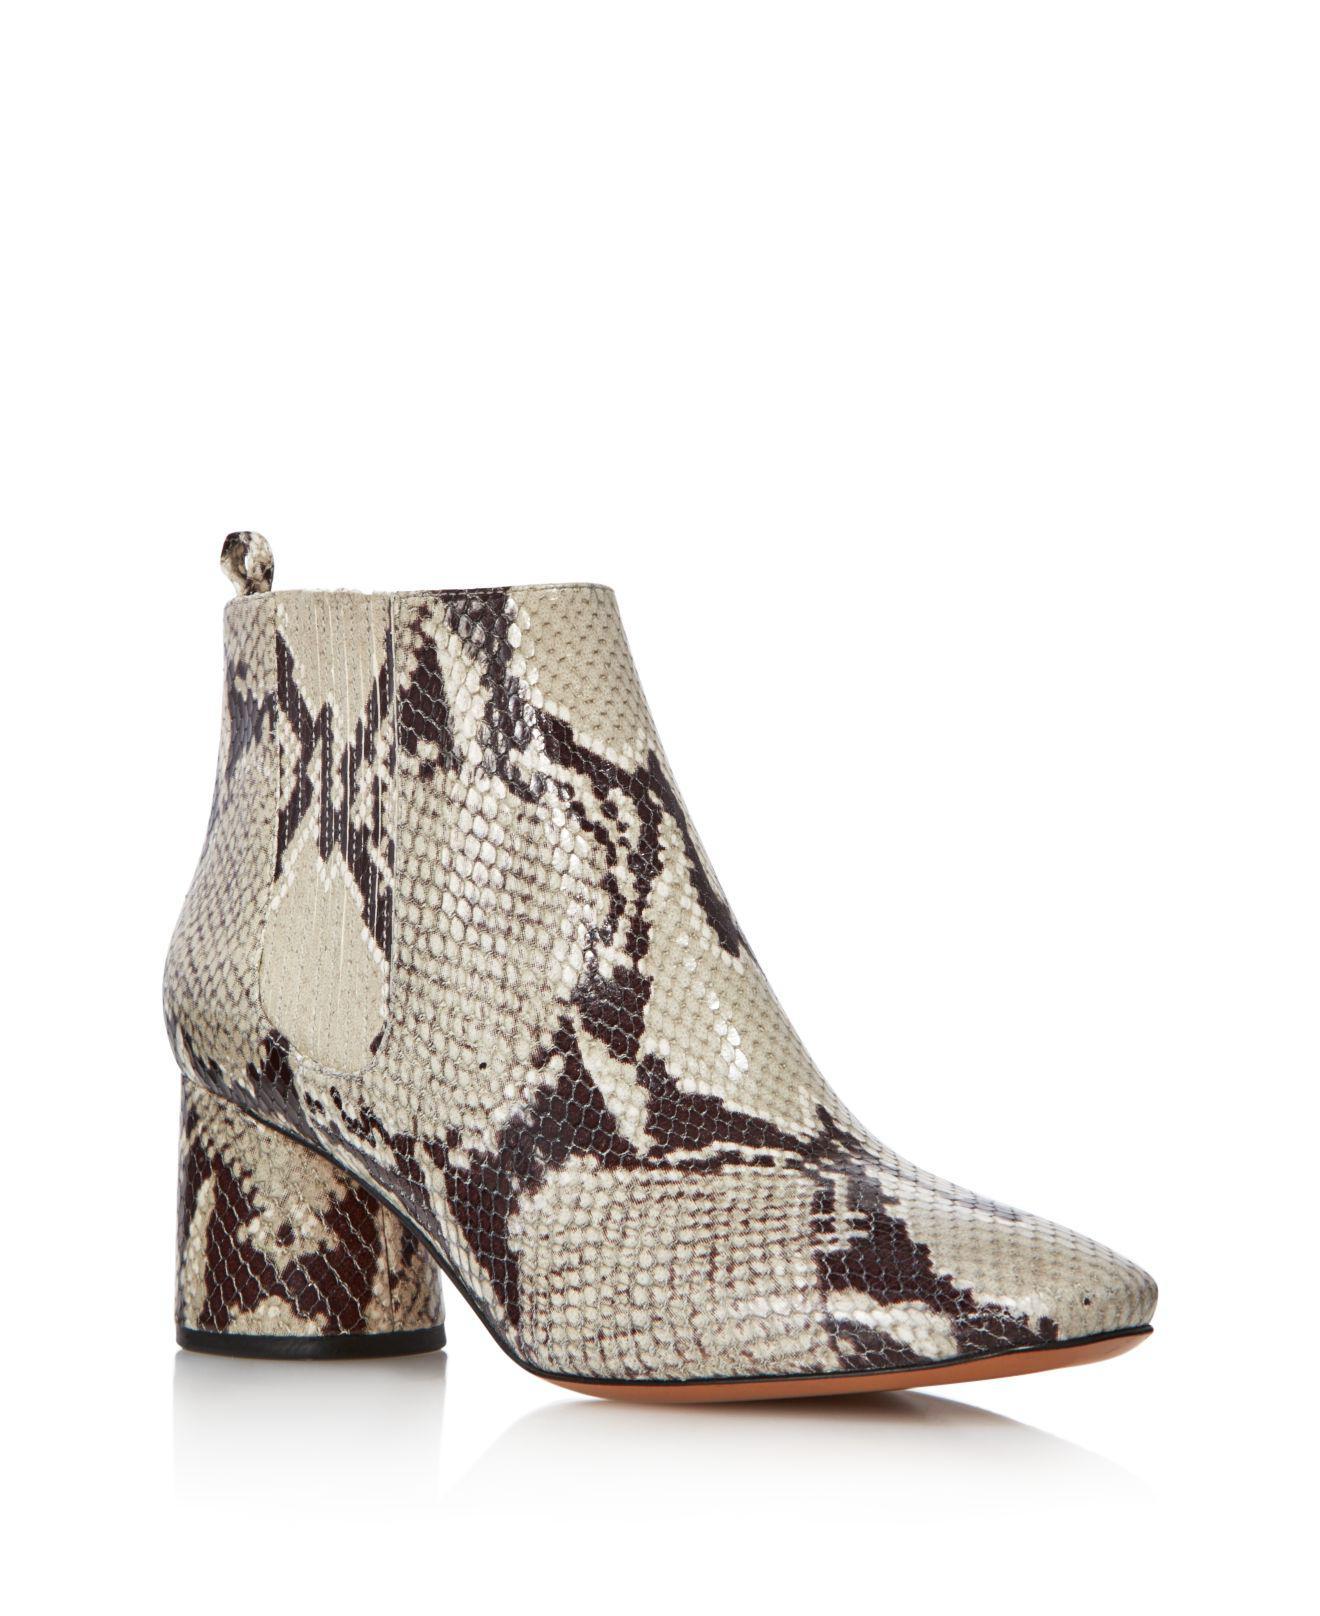 Marc Jacobs Women's Rocket Snake-Embossed Leather Round Block Heel Chelsea Booties 3SJVGuCir